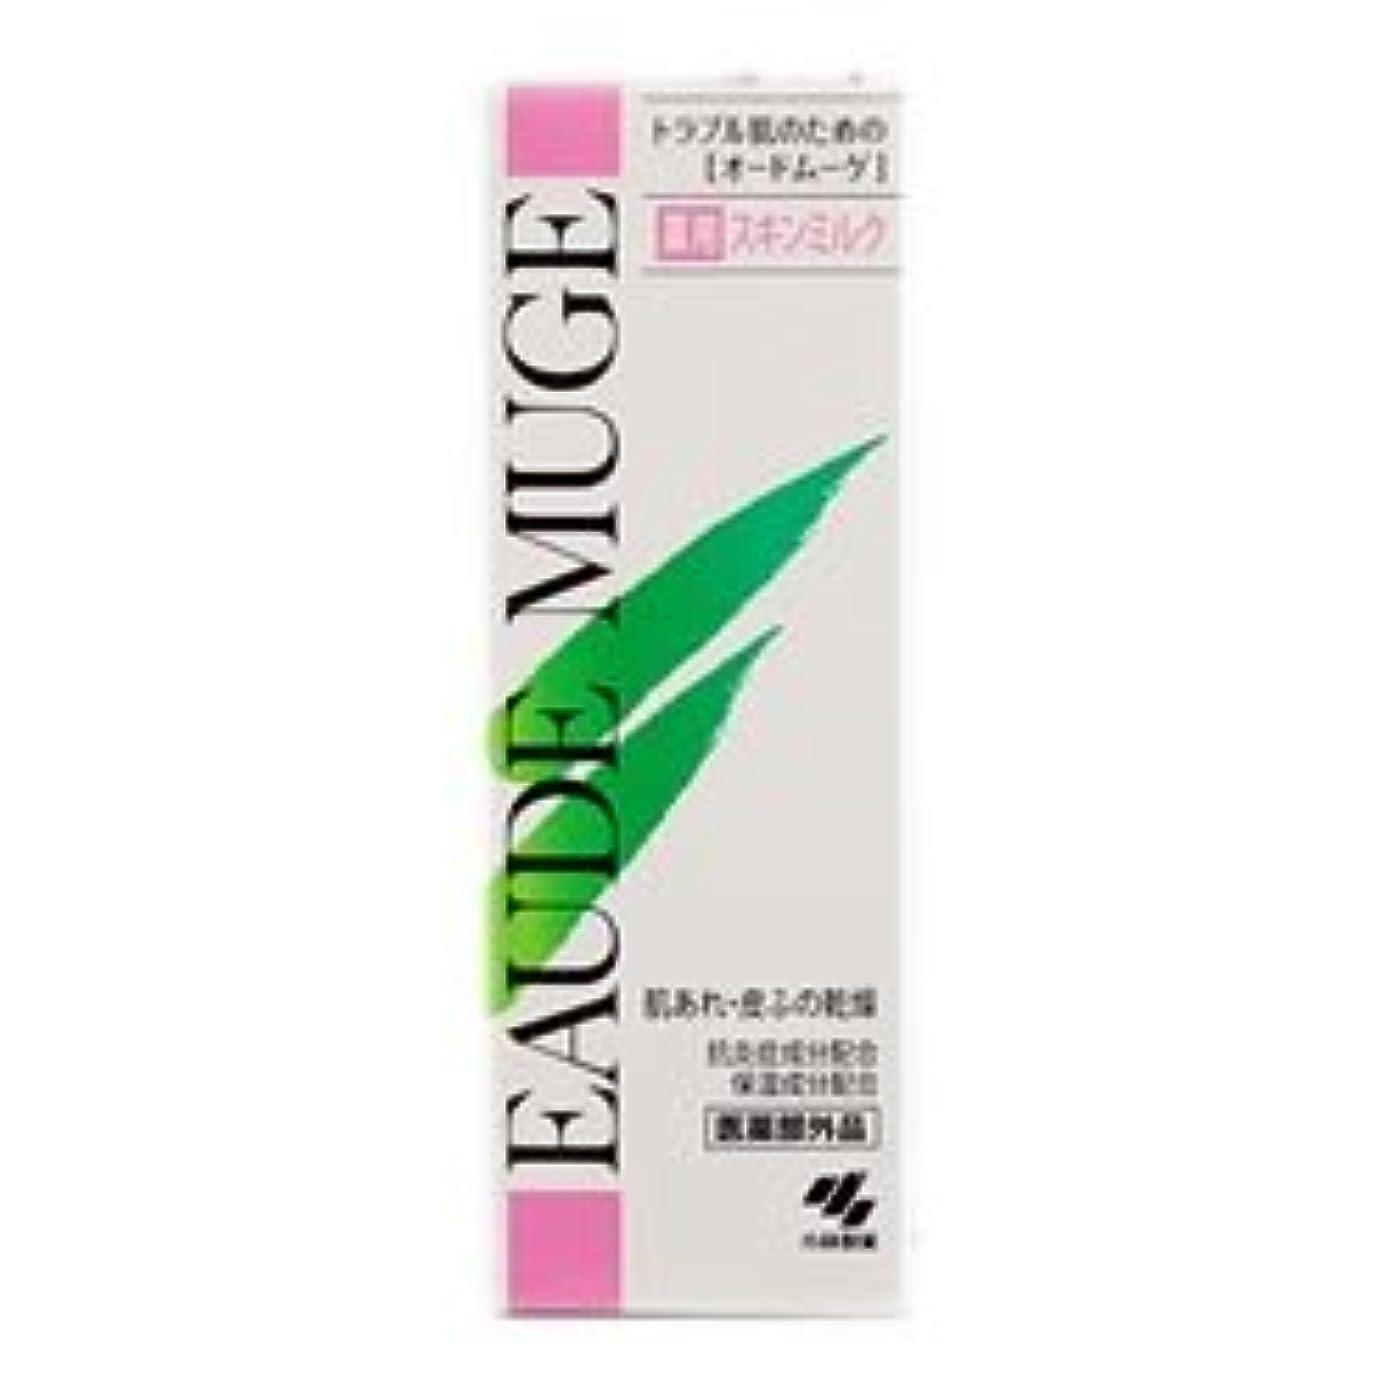 破壊口頭ミネラル【小林製薬】オードムーゲ薬用スキンミルク 100g ×5個セット